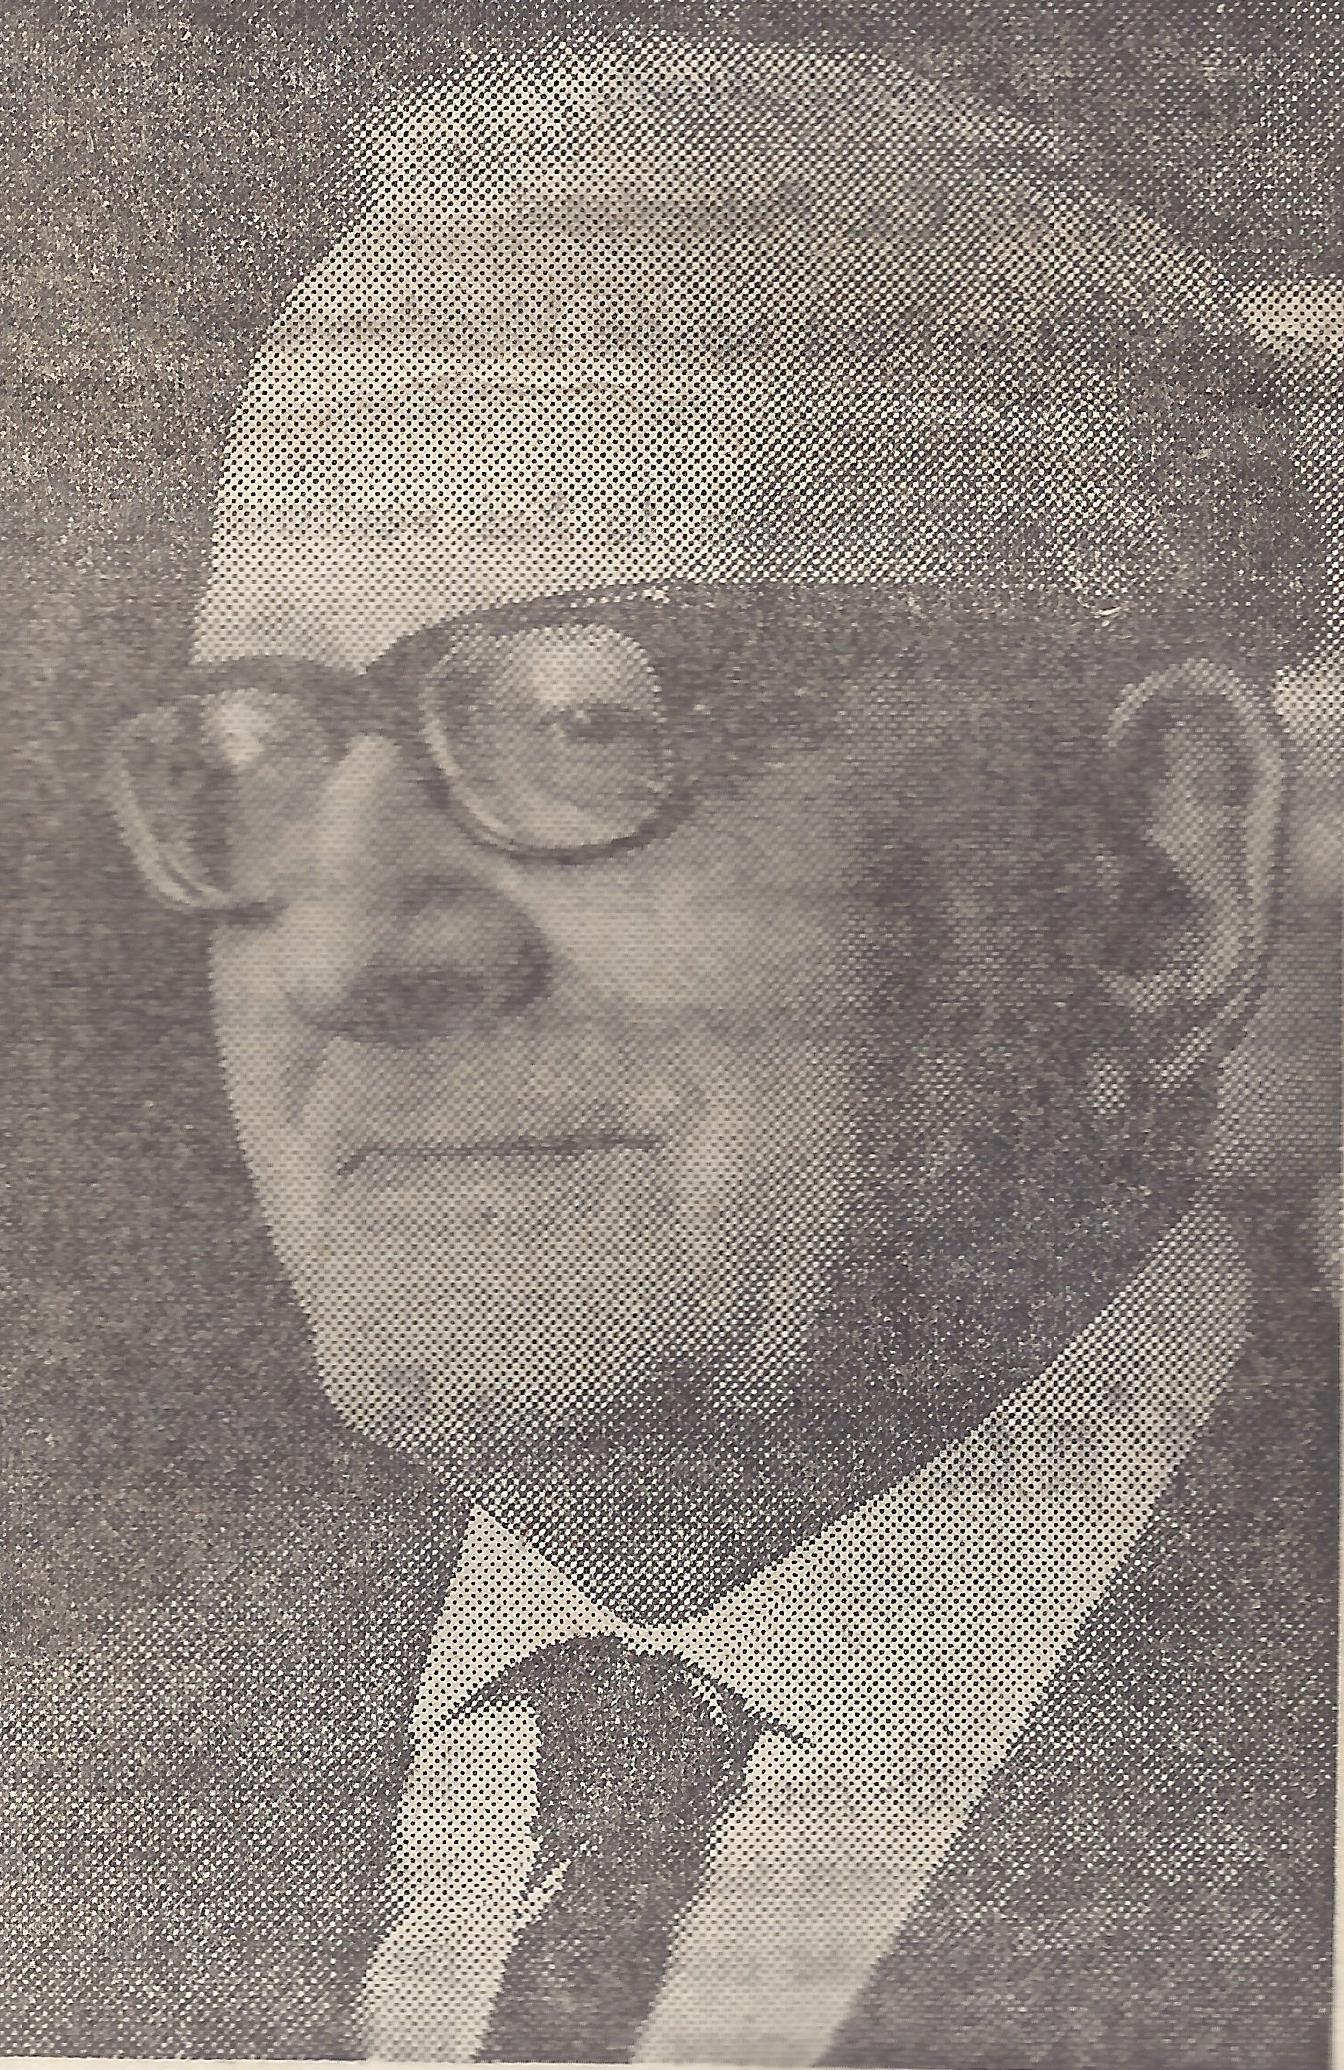 Gerrit Dekker (1965)